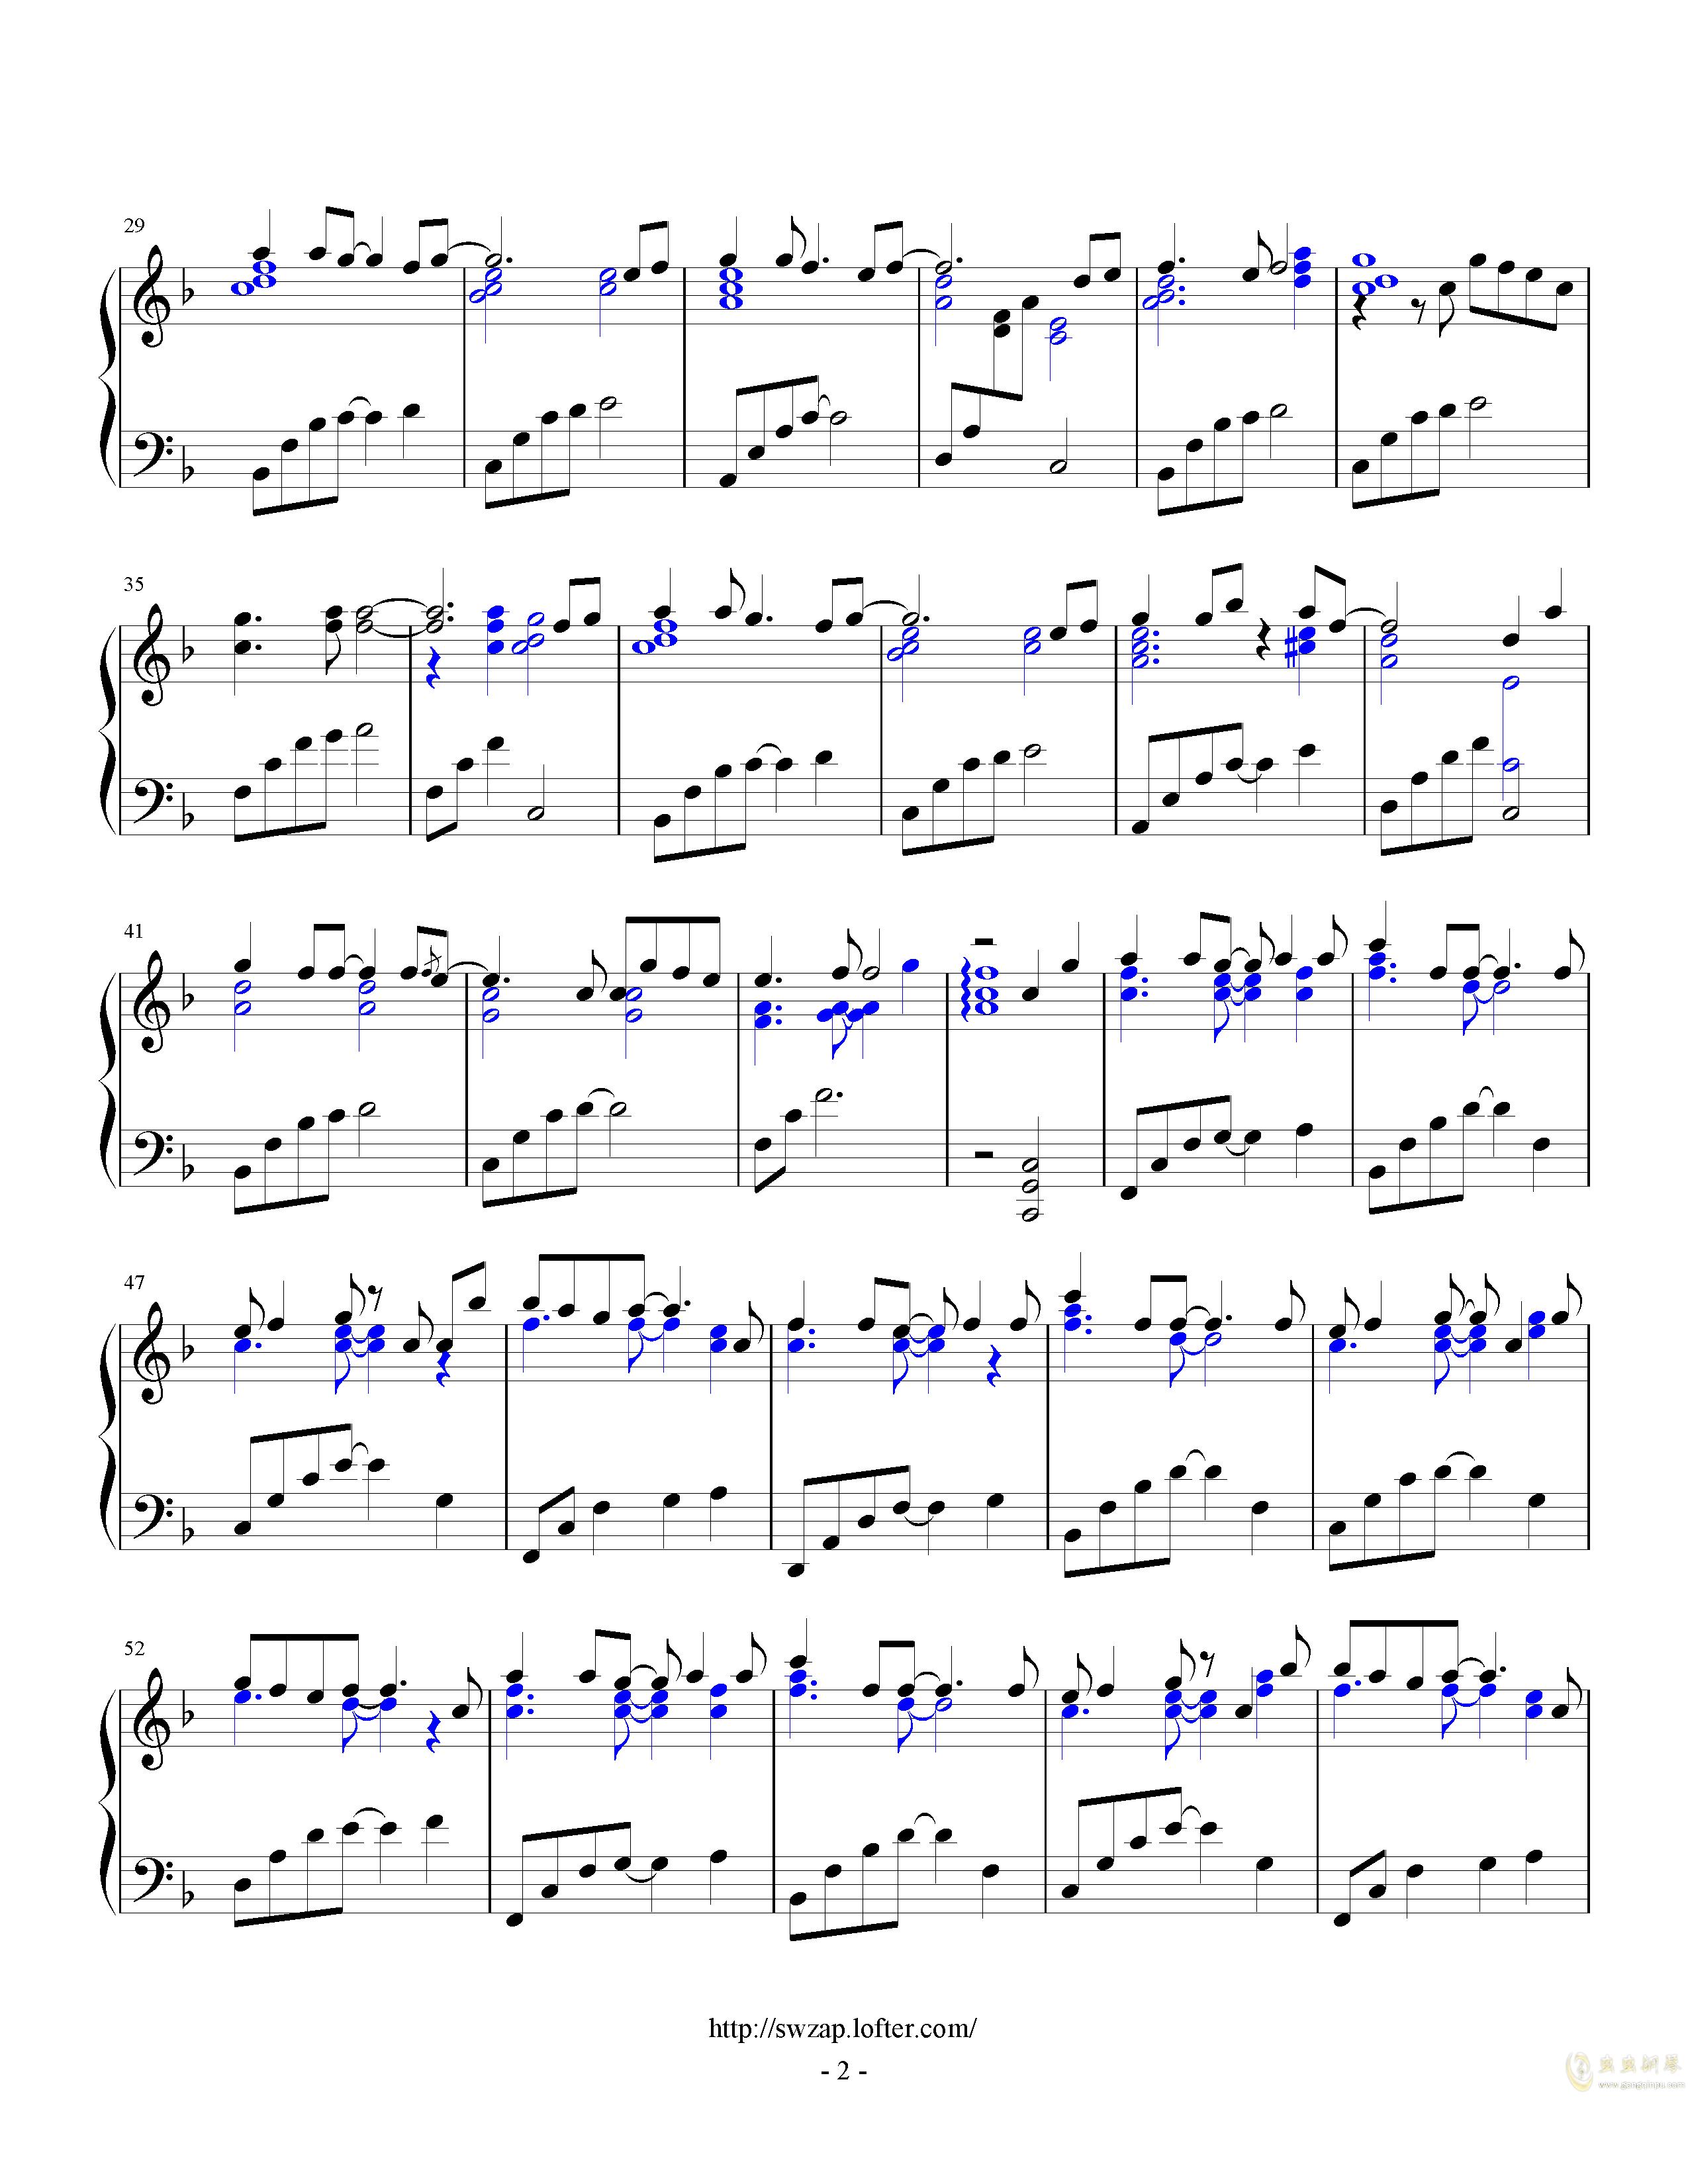 letter song钢琴谱 第2页